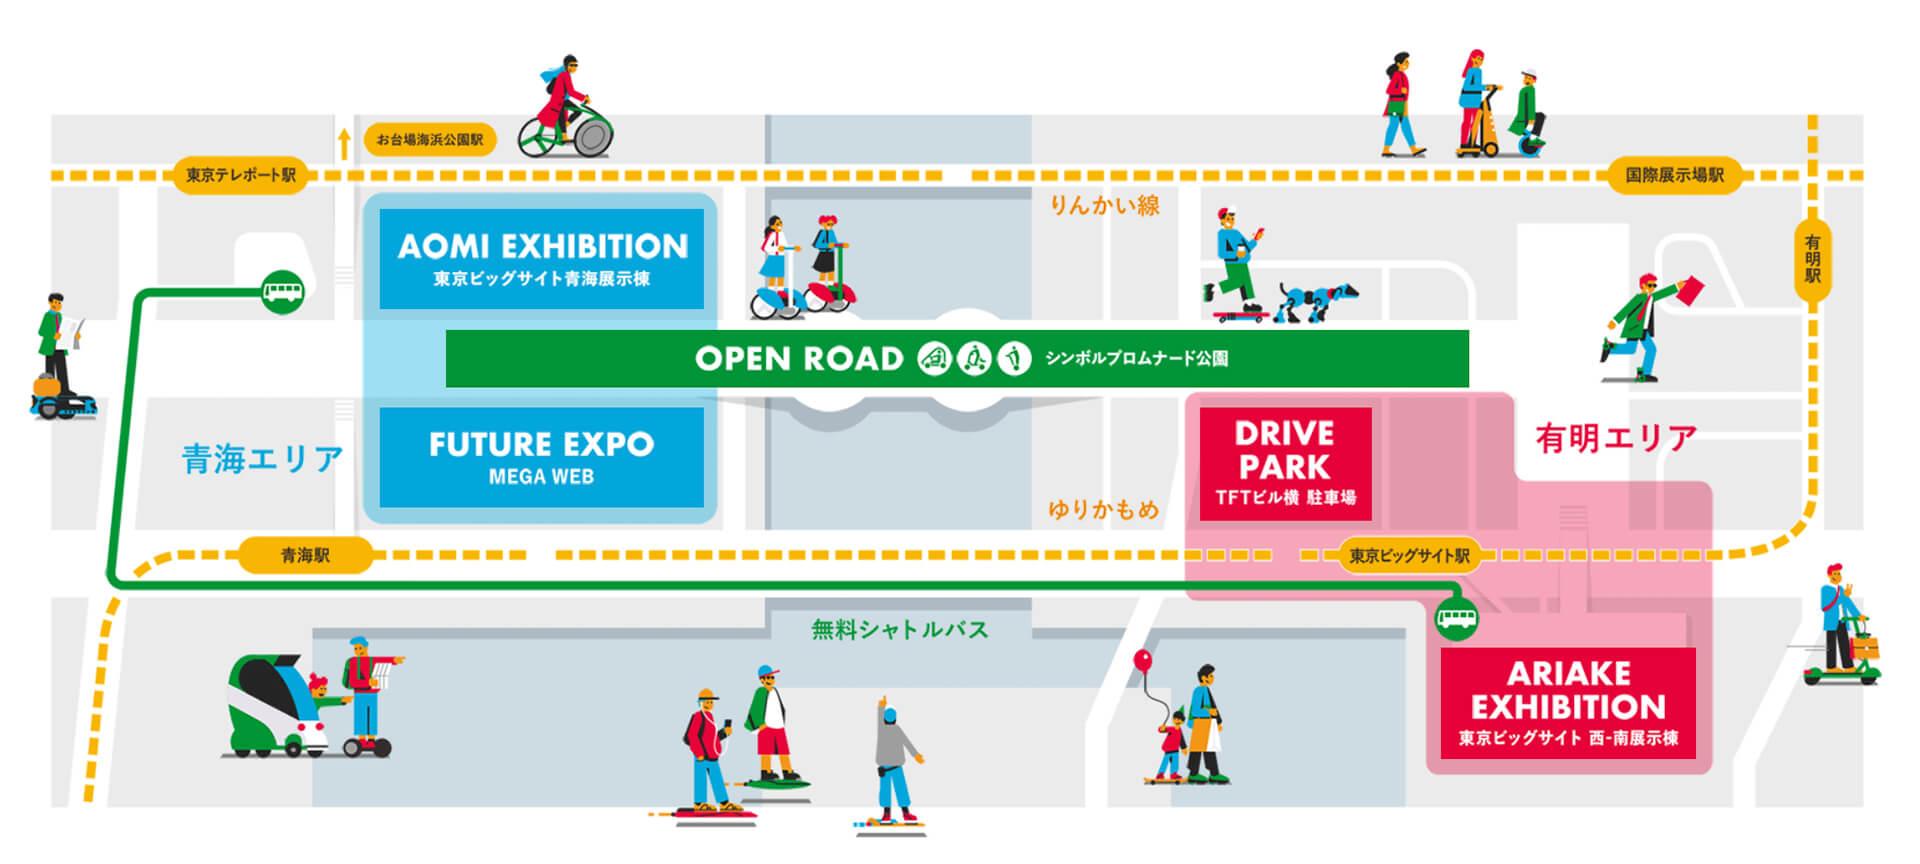 東京モーターショー2019地図